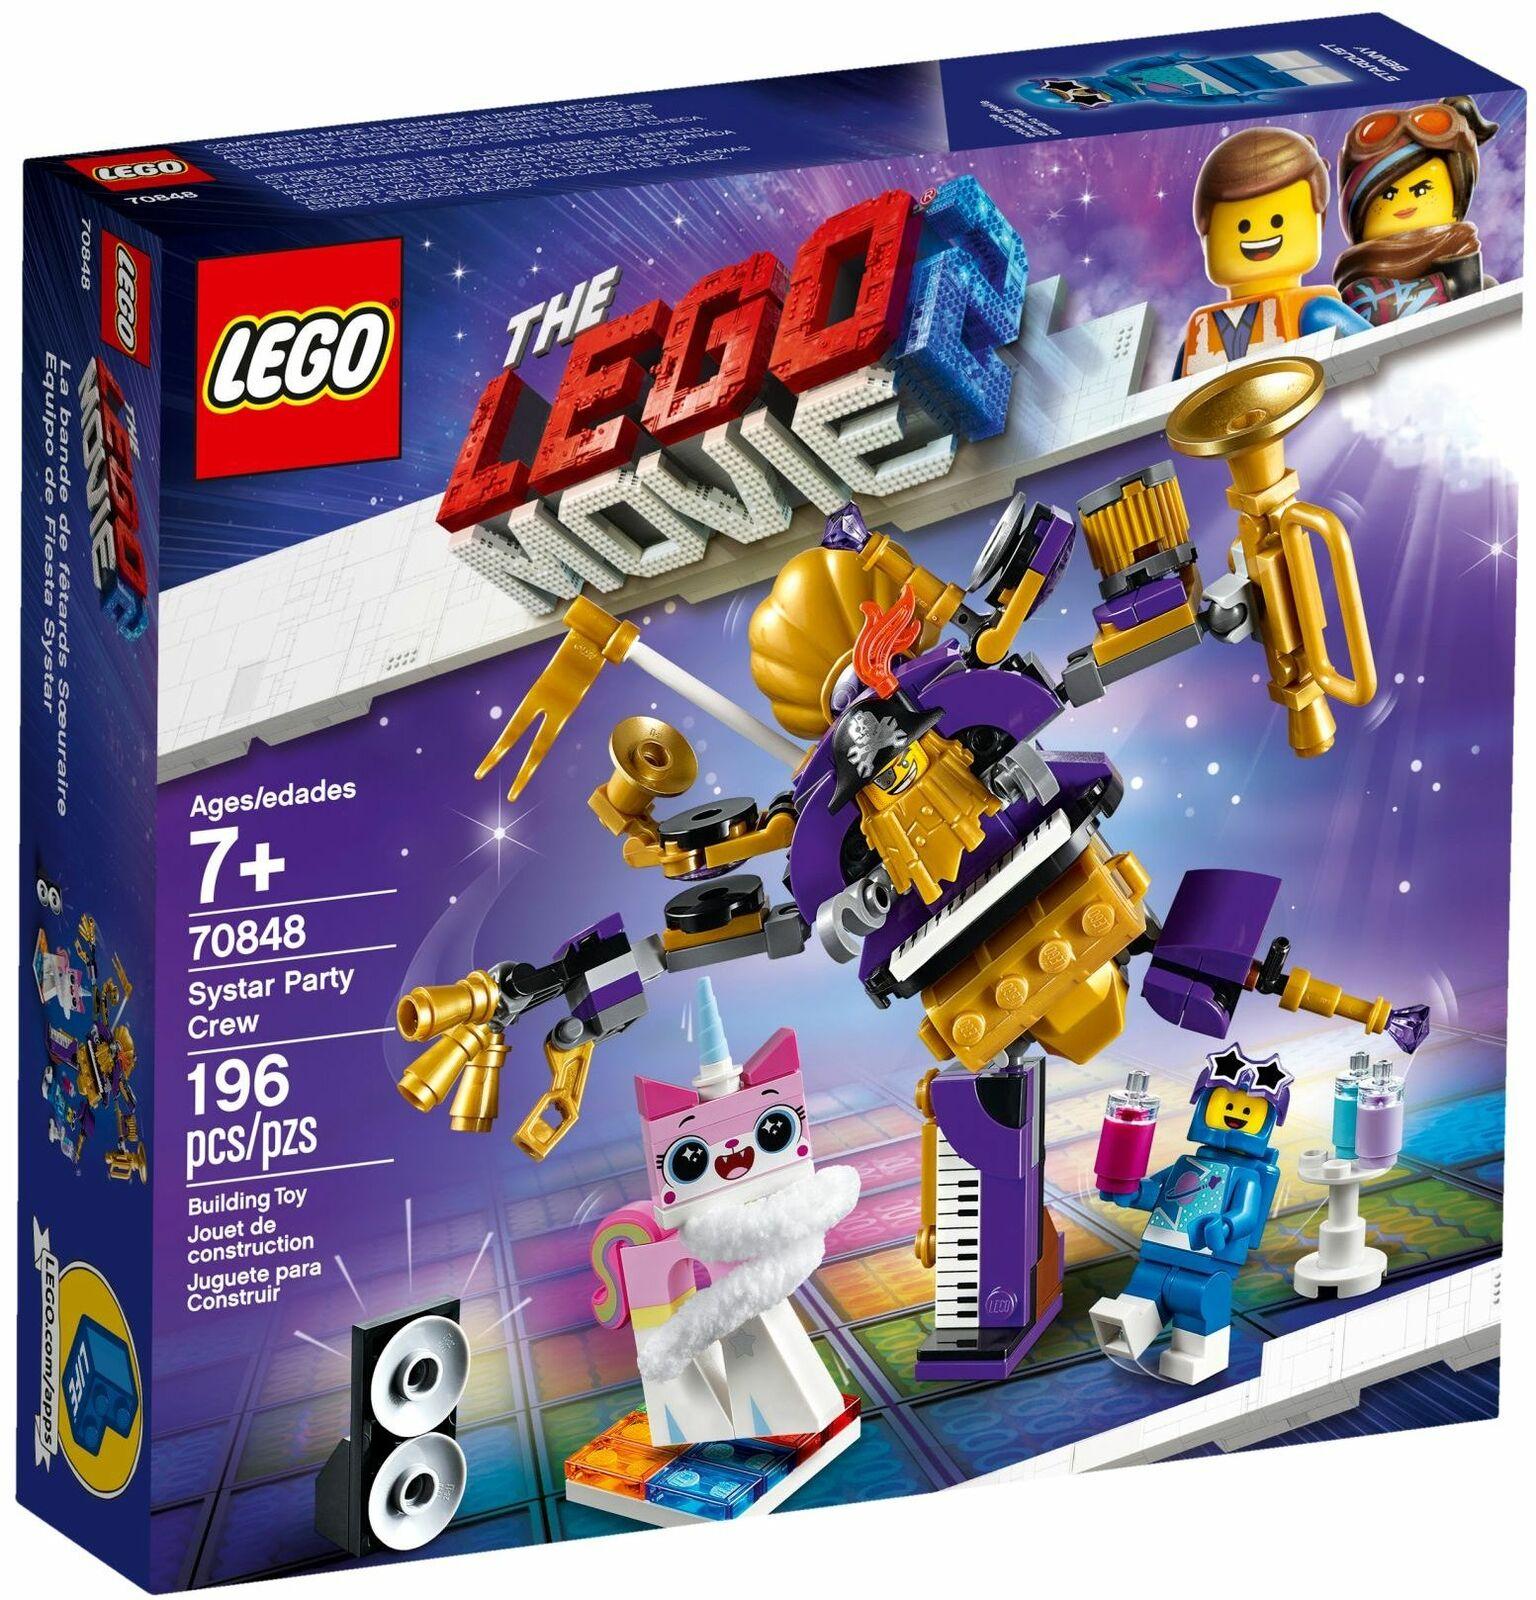 Pré-comhommede Film Lego 2 directions Parti Crew 70848 livraison gratuite   jusqu'à 42% de réduction